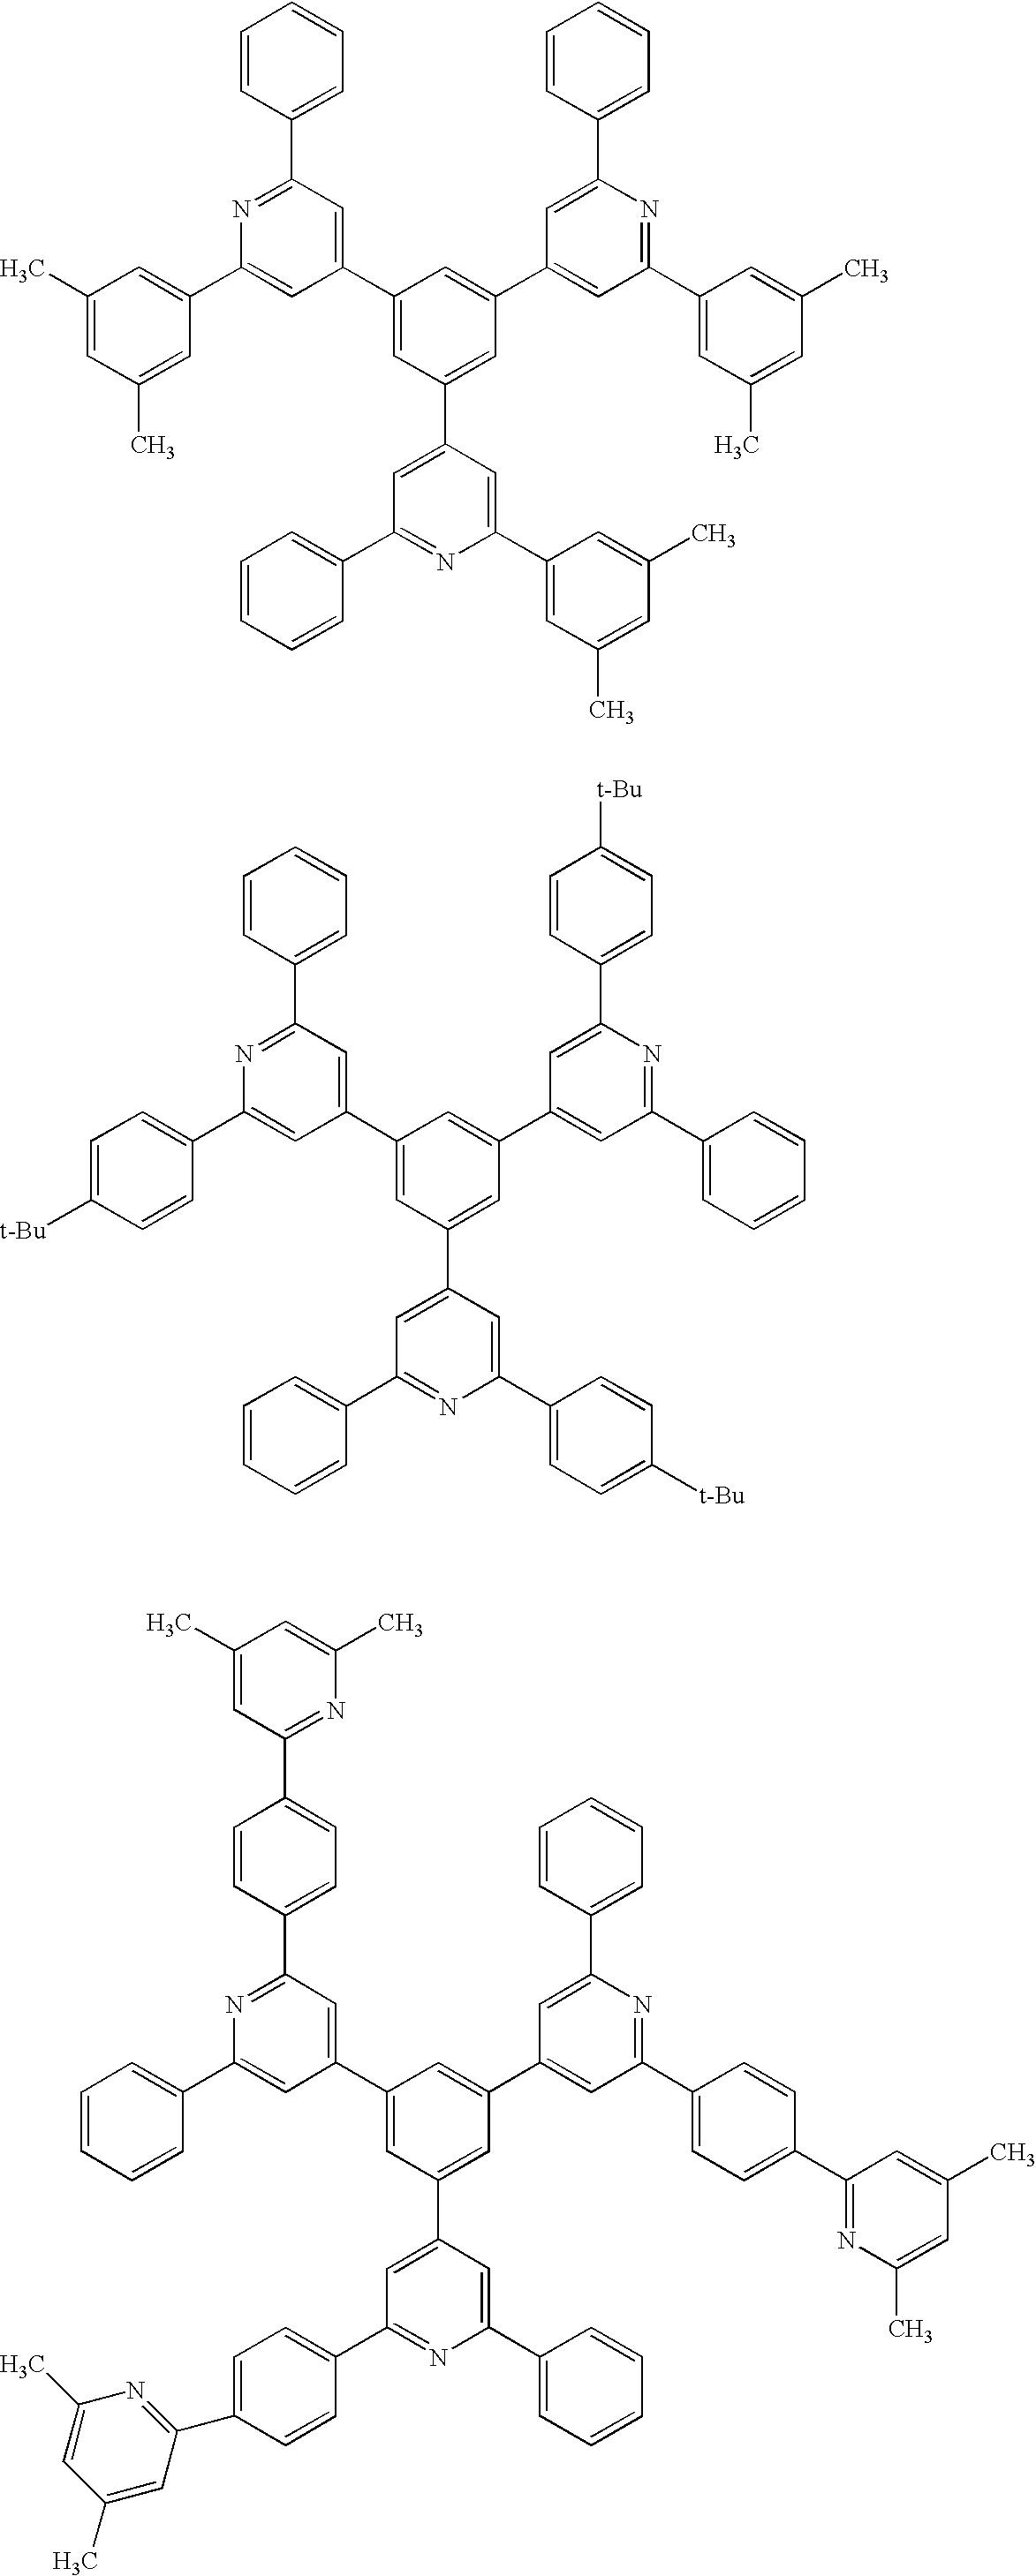 Figure US20060186796A1-20060824-C00122